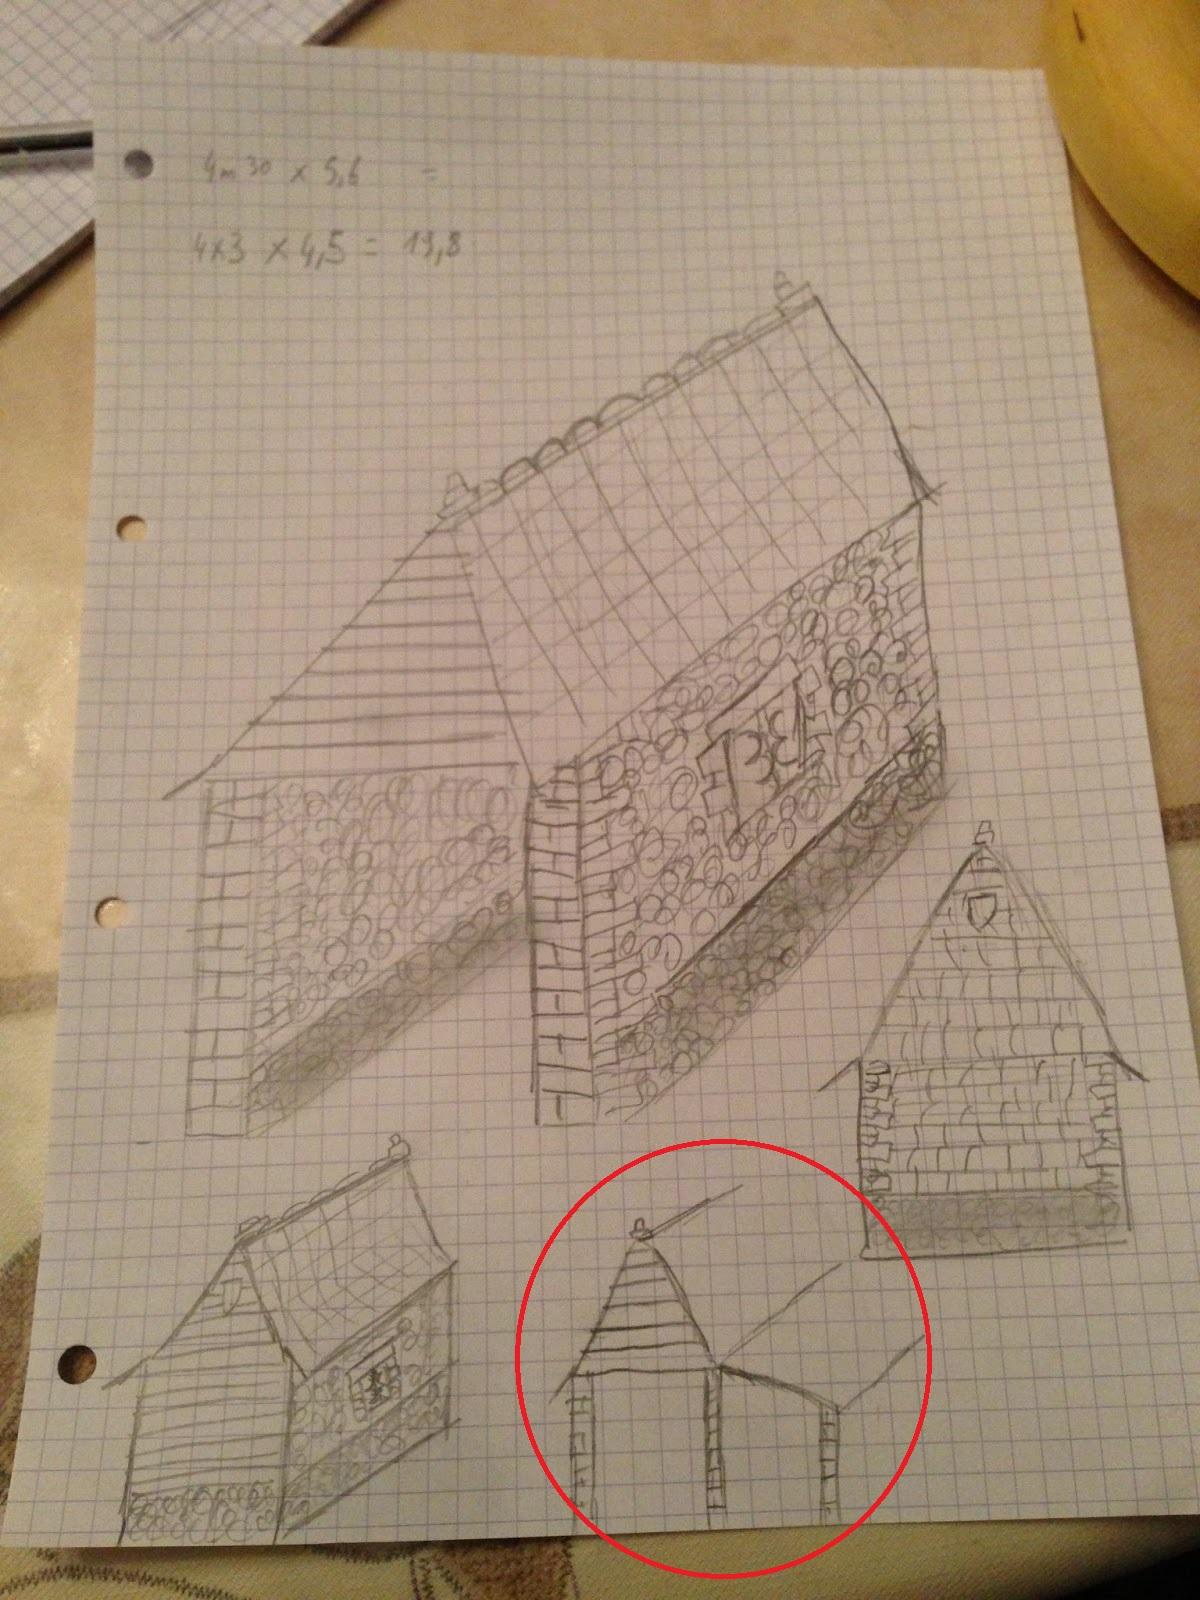 La ferme des blancs pignons projet 1 le garage for Prolongation permis de construire